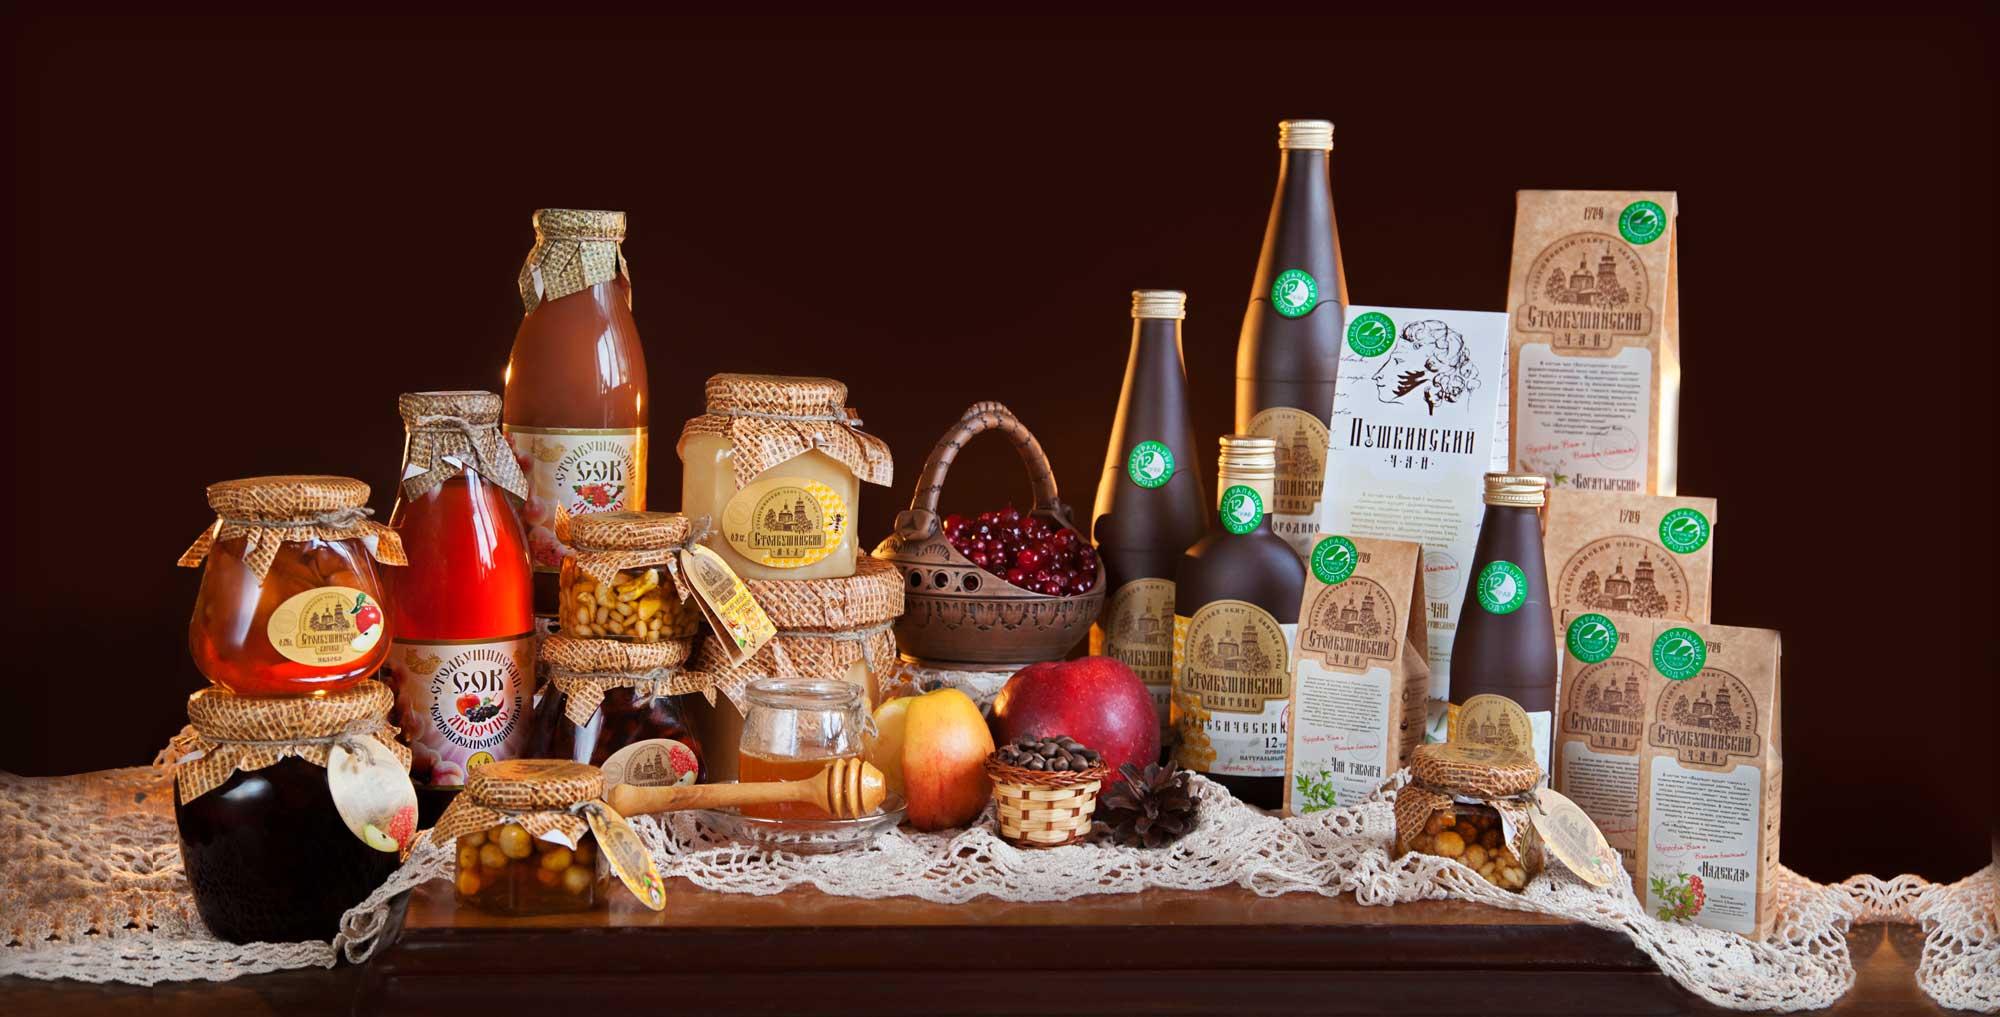 Сбор заказов. Лучший подарок по нашему - мЁд! )) Столбушинский сбитень-20. А также Иван-чай, таволга, мед и многое другое. Подарочные наборы!